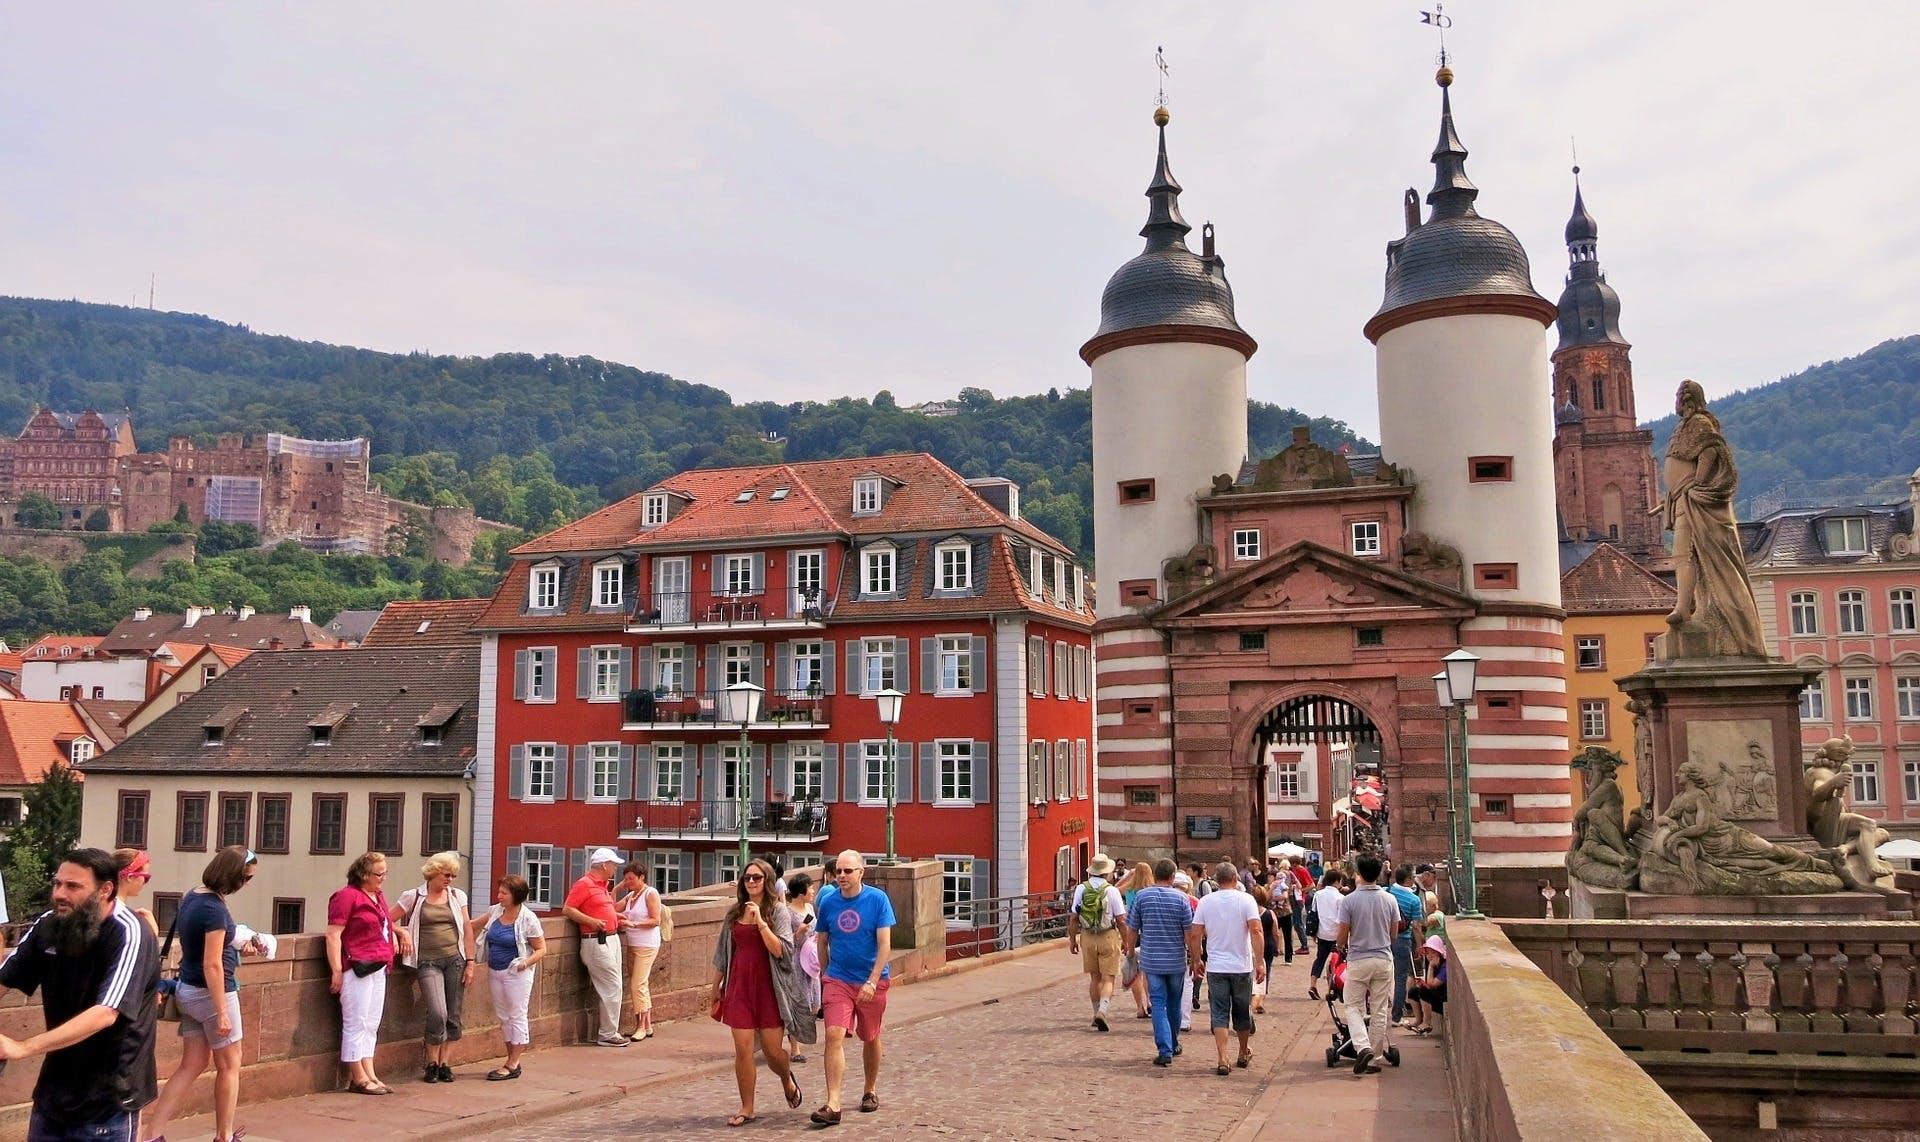 Ver la ciudad,Excursión a Heidelberg